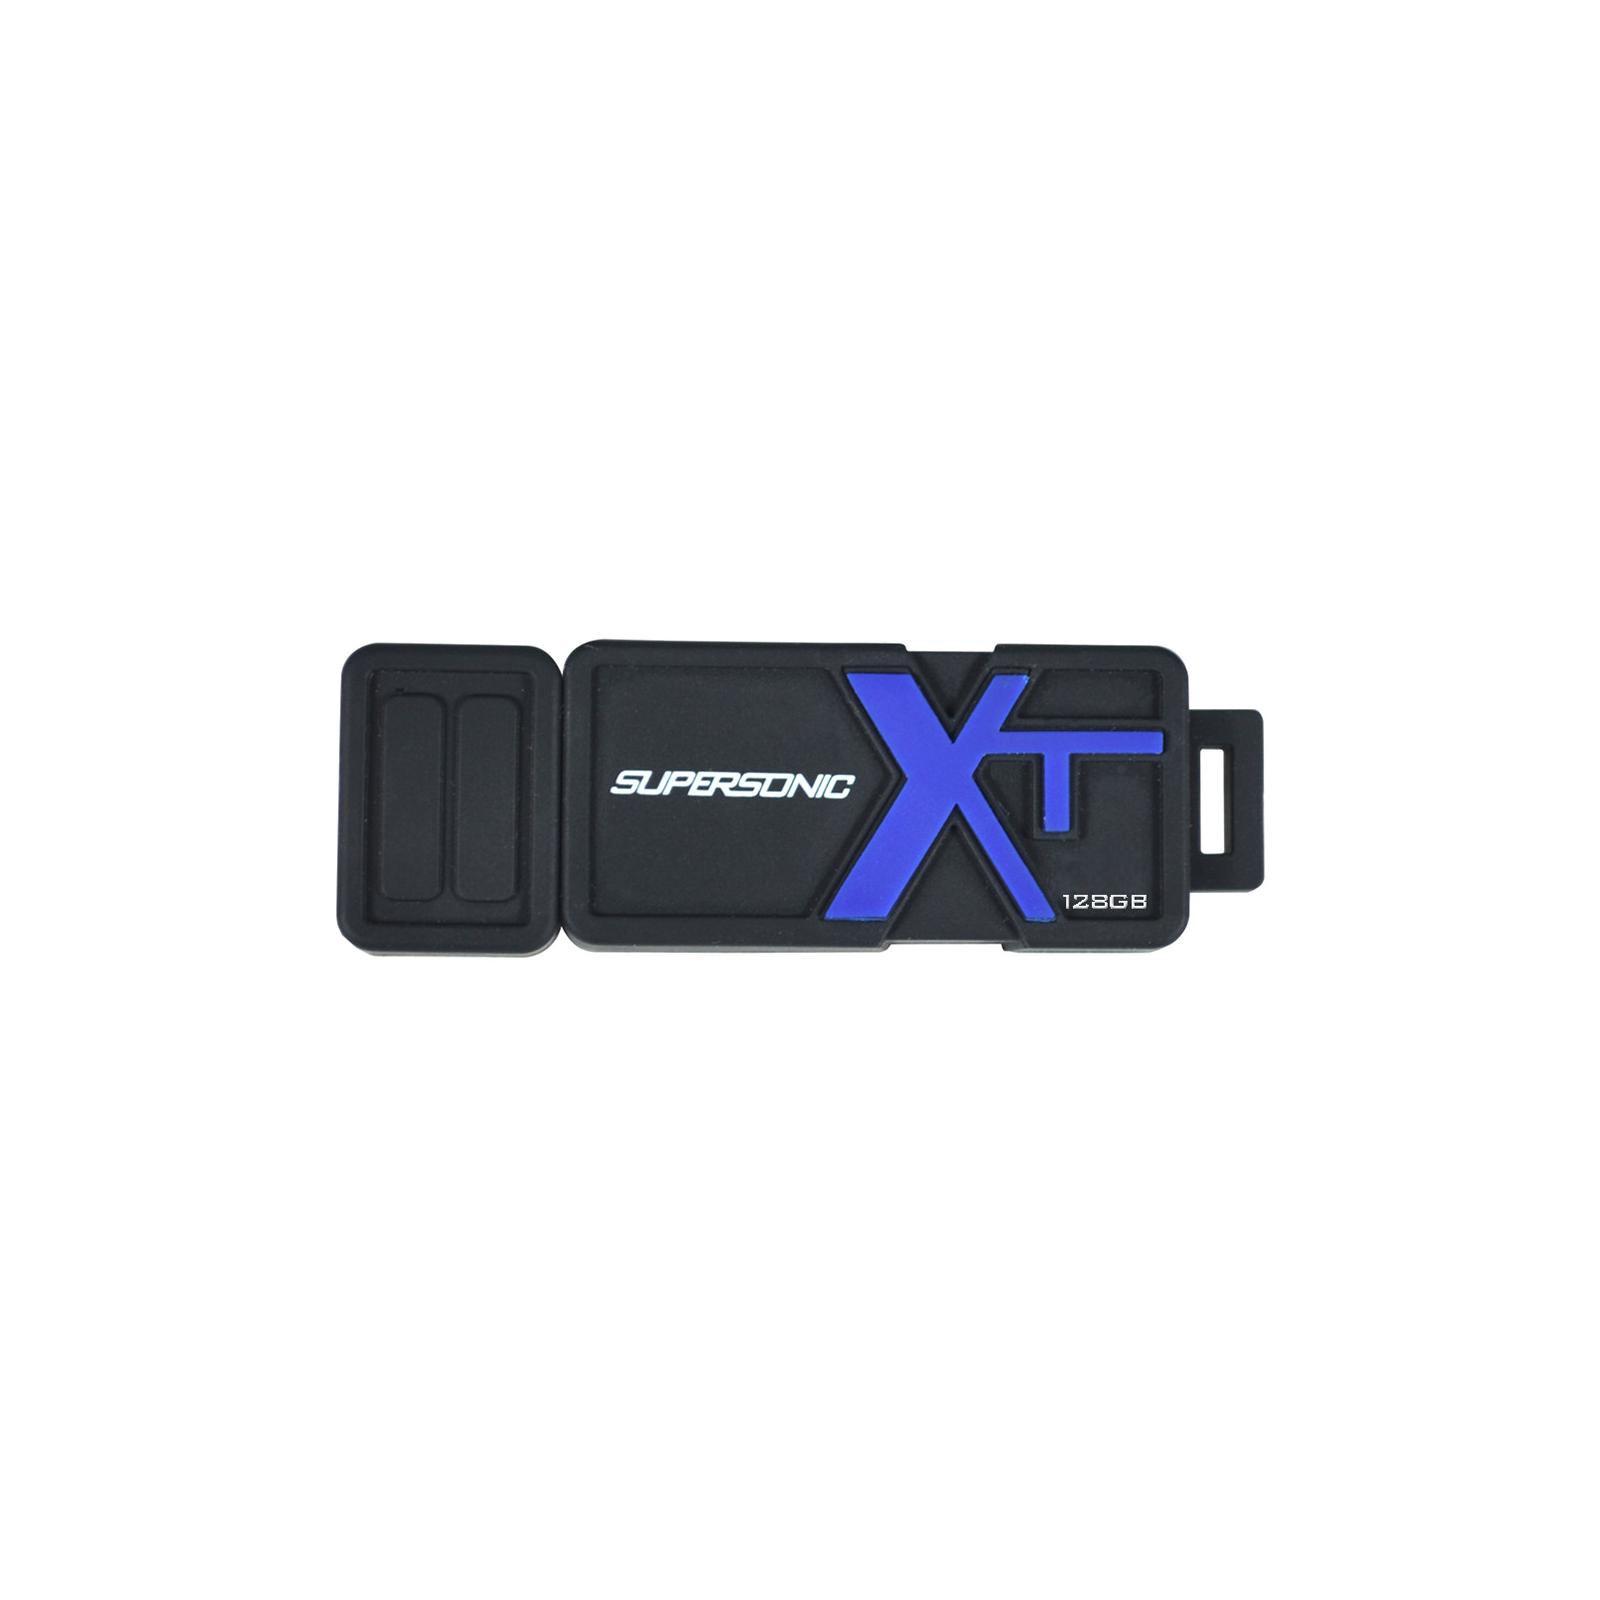 USB флеш накопитель Patriot 128GB SUPERSONIC BOOST XT USB 3.0 (PEF128GSBUSB)